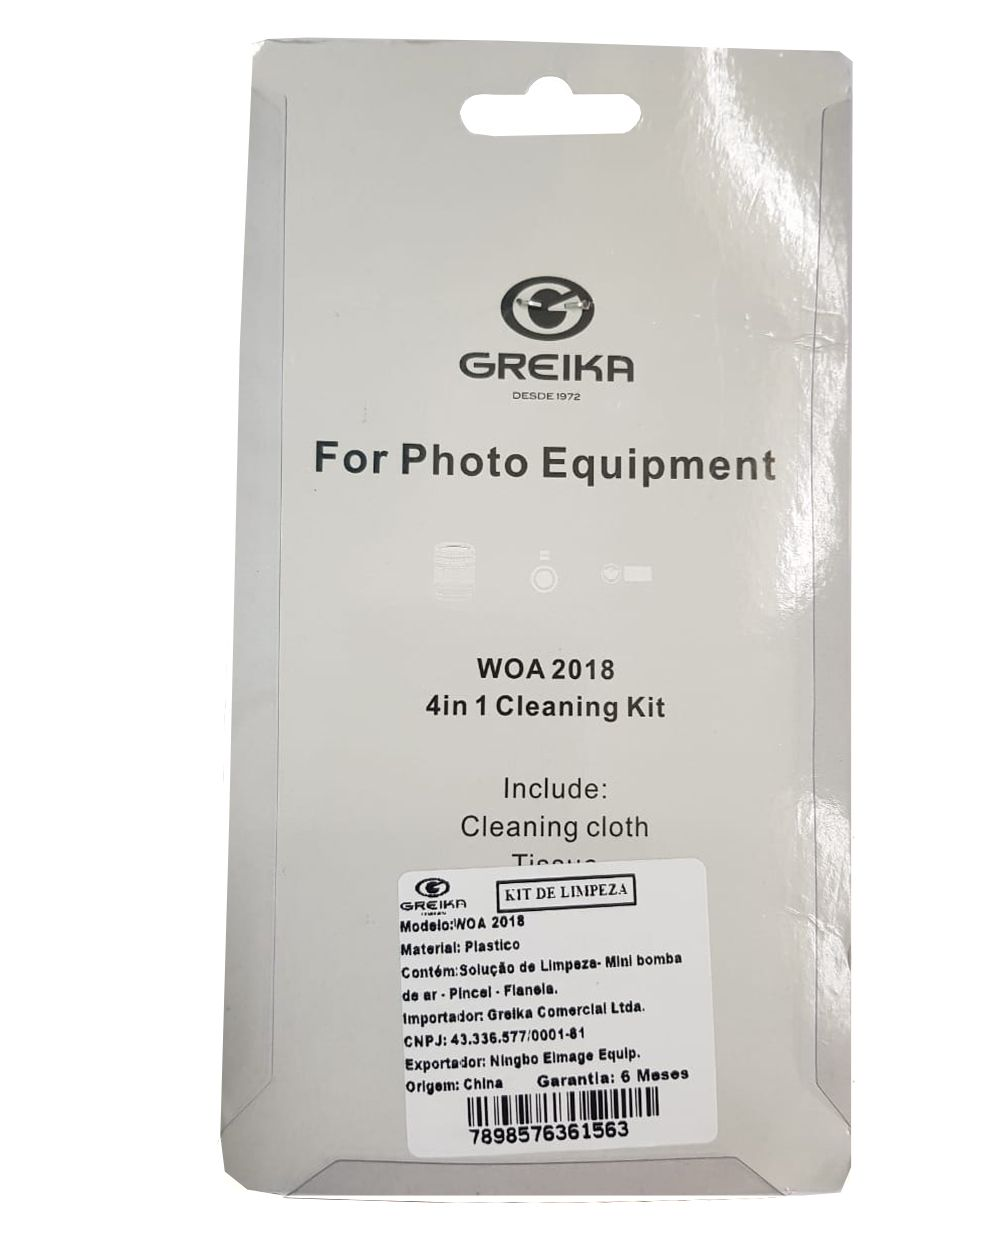 O Kit de Limpeza WOA2018 5x1 Greika para câmeras profissionais